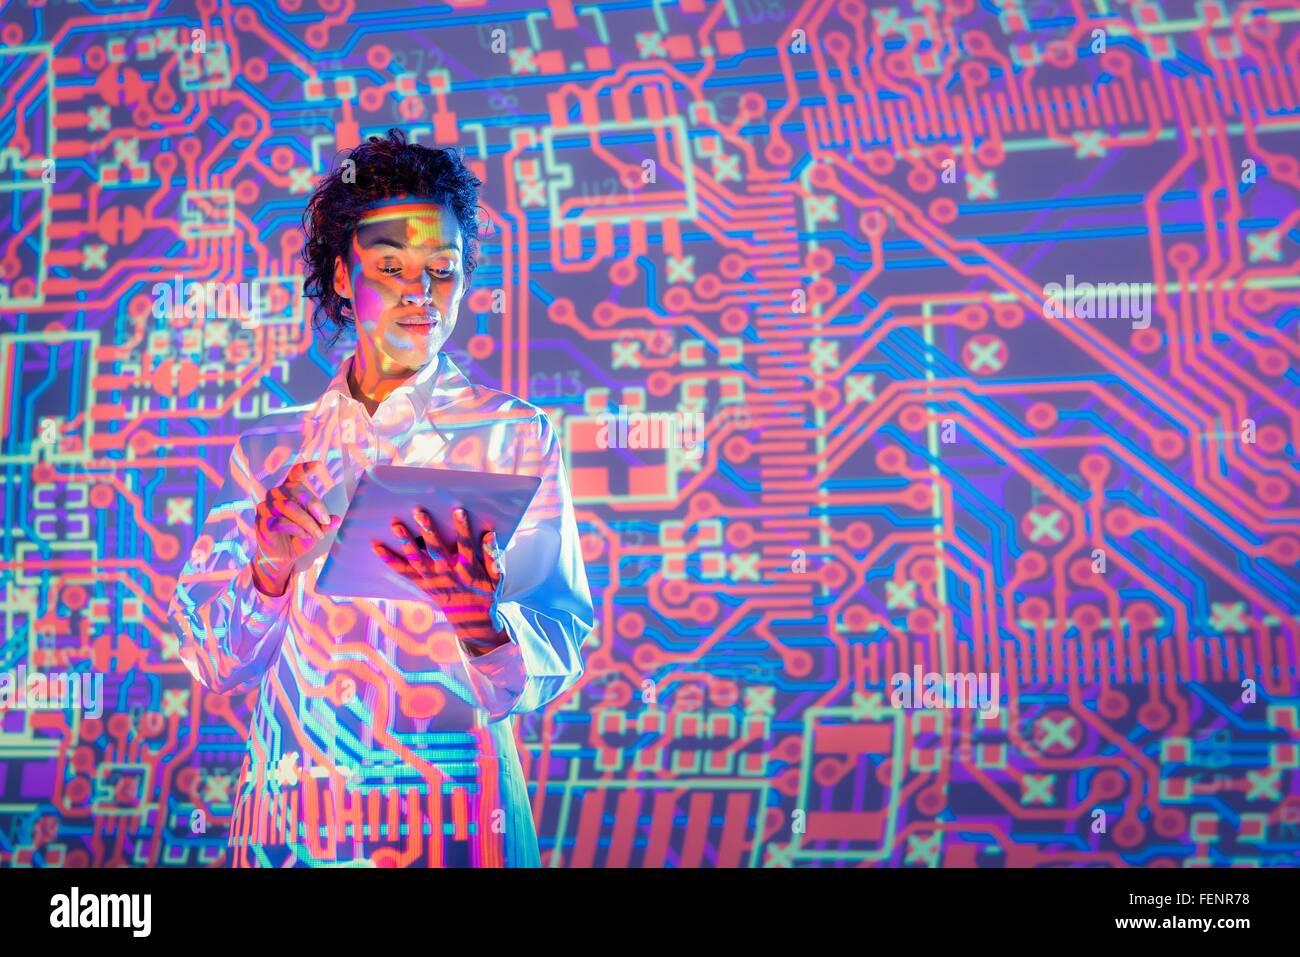 Investigadora mediante digital tableta gráfica con proyección de circuitos electrónicos Imagen De Stock